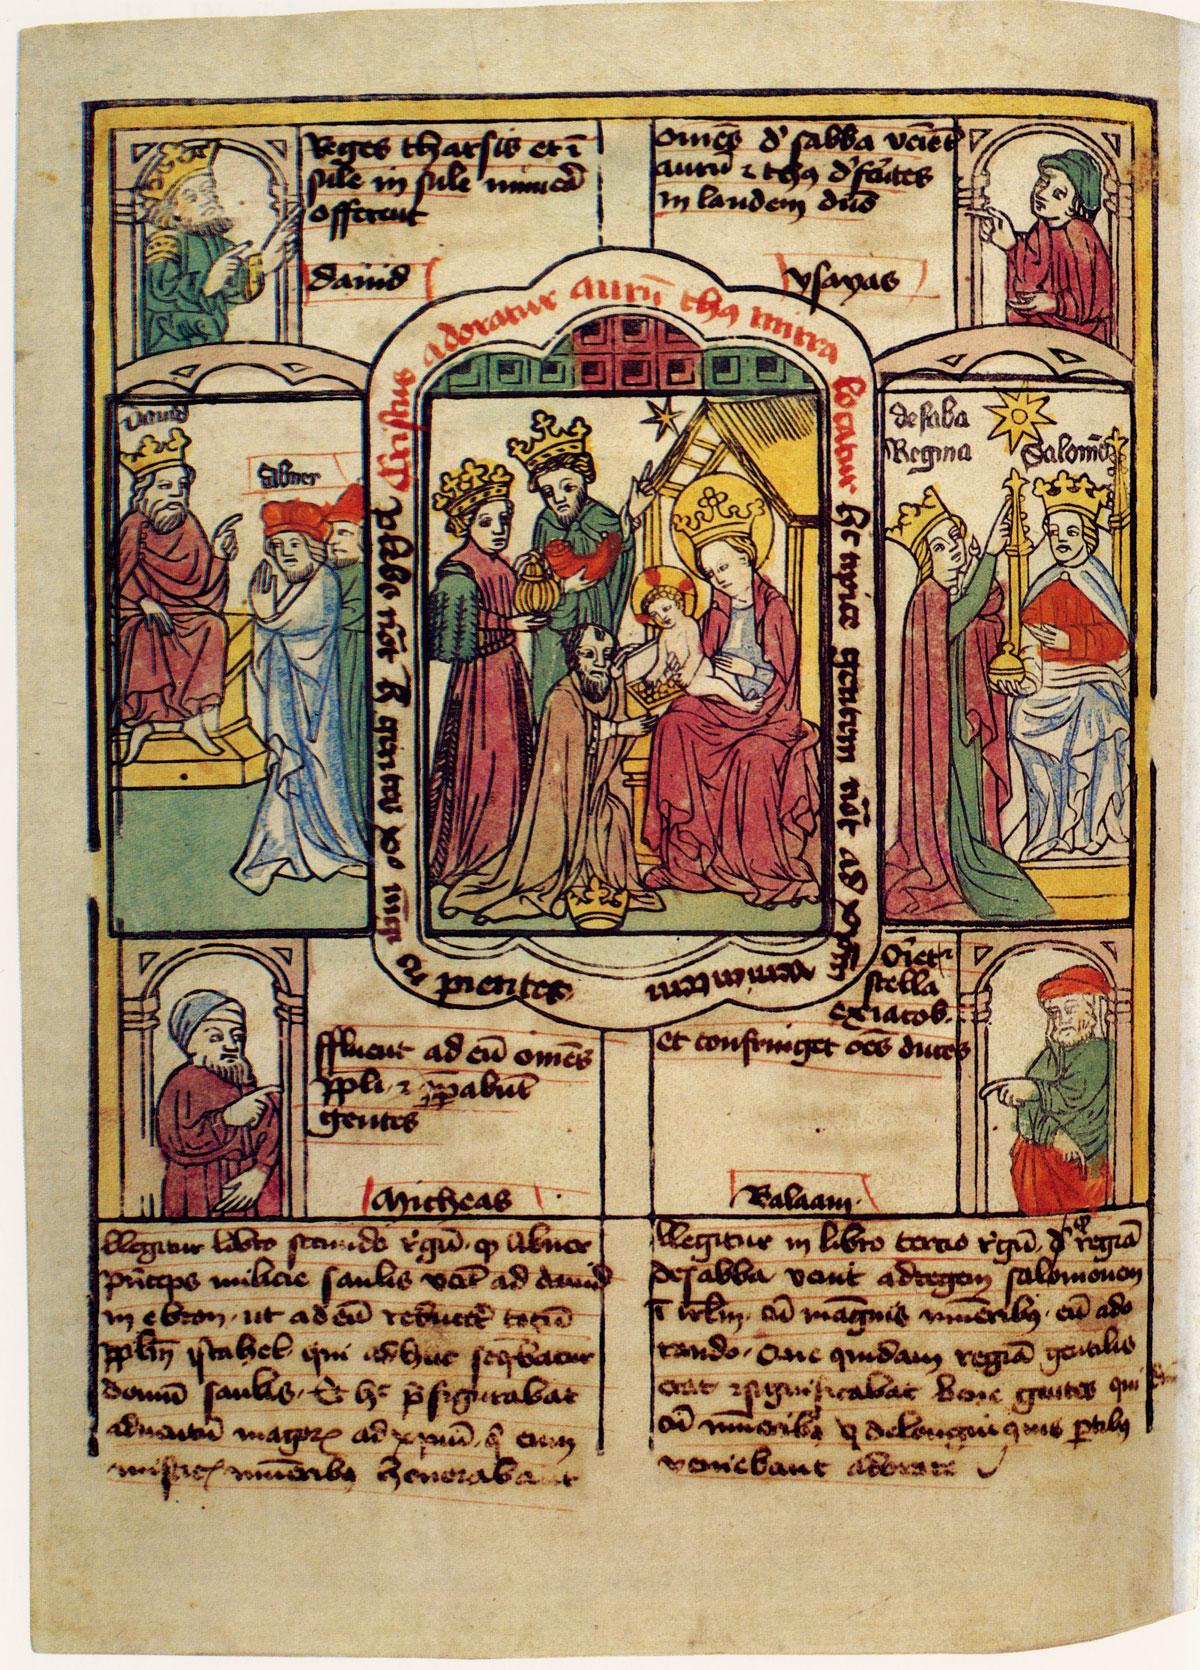 Biblia pauperum (Biblia de los pobres)